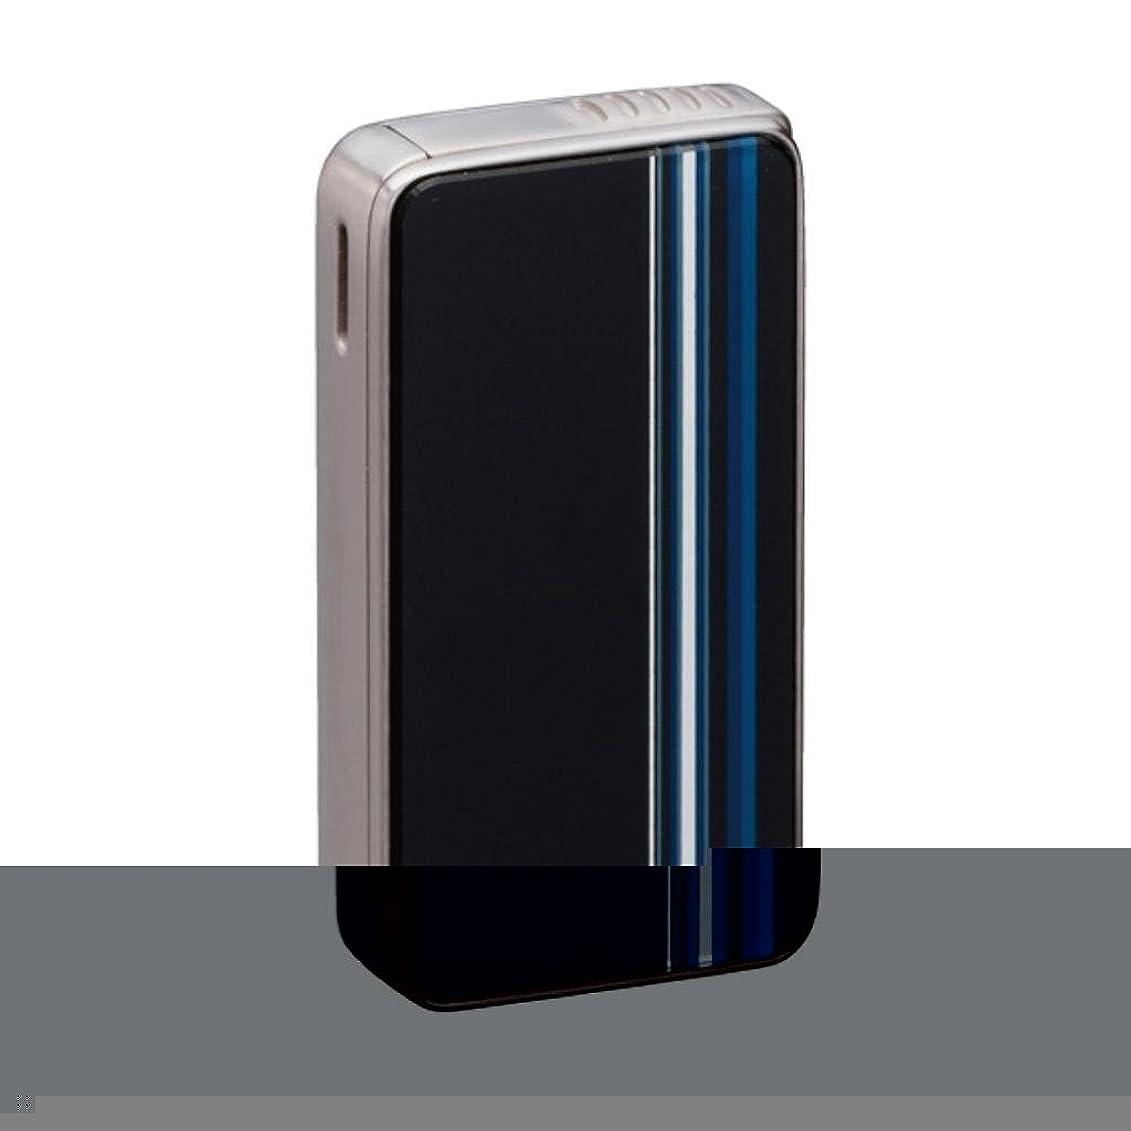 デマンドオーストラリア人電圧SAROME(サロメ) 電子 ガス ライター SK161-01 ブラック/ブルーストライプ SK161-01